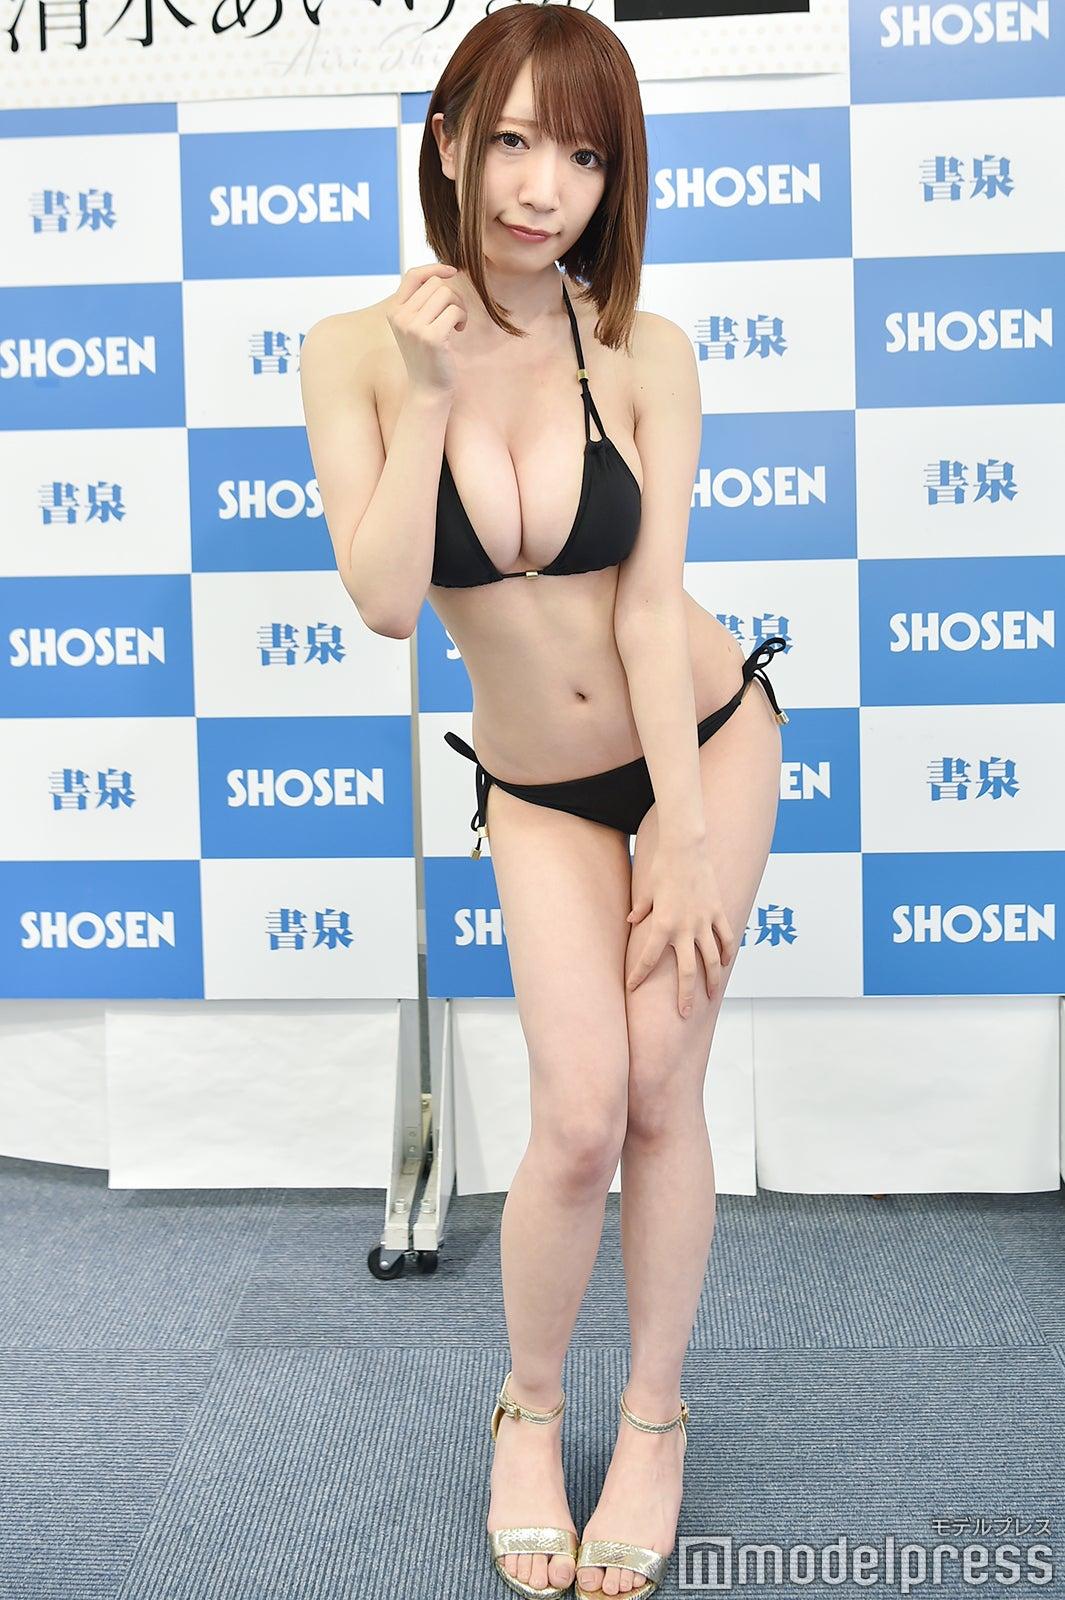 清水 グラビア アイドル